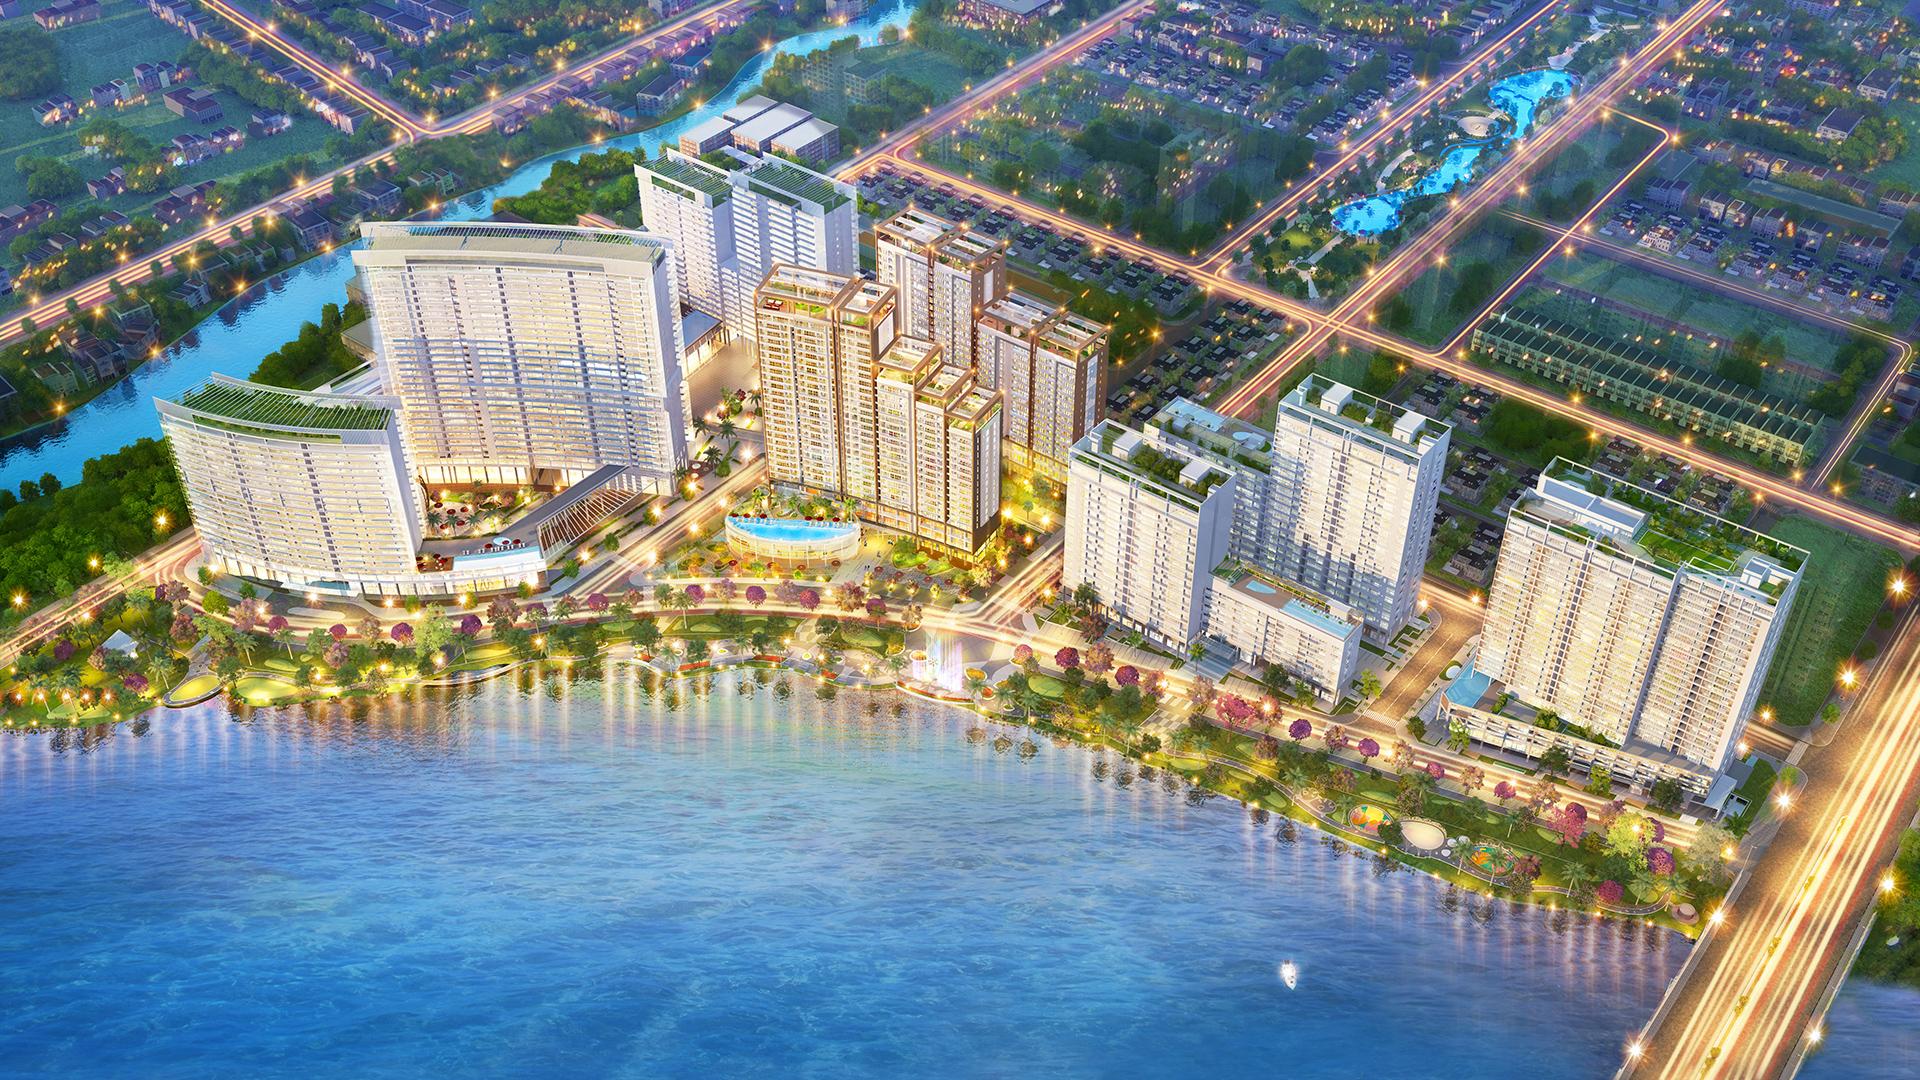 m7 tong the - 5 cụm đô thị do Phú Mỹ Hưng phát triển